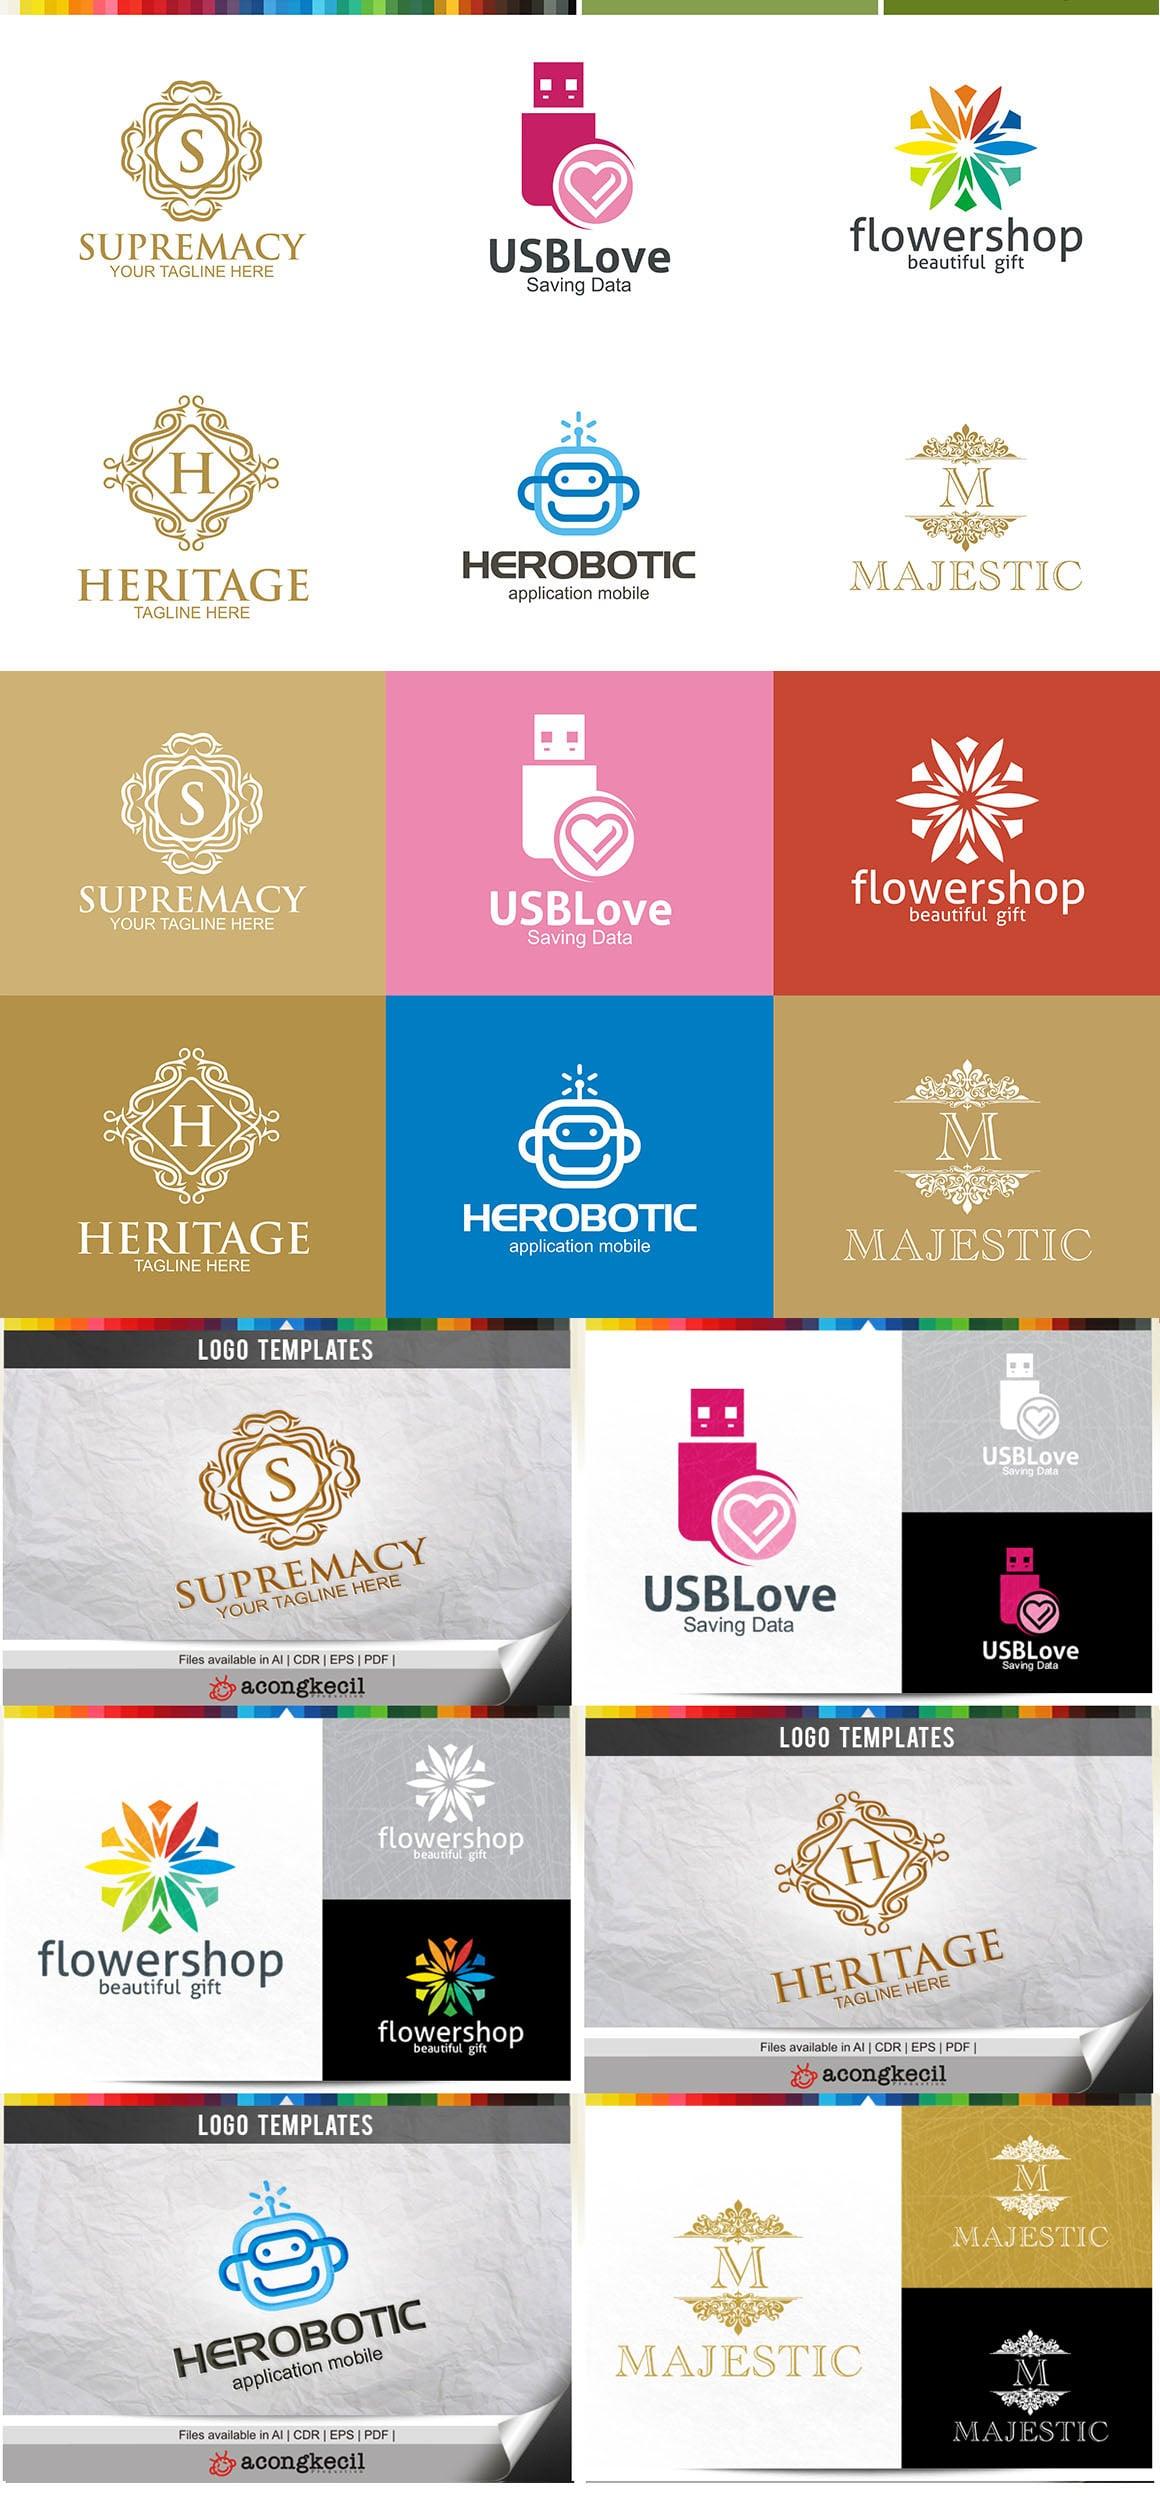 446 Business Logo Bundle - 99%+ OFF - Bundle 05 Preview5A